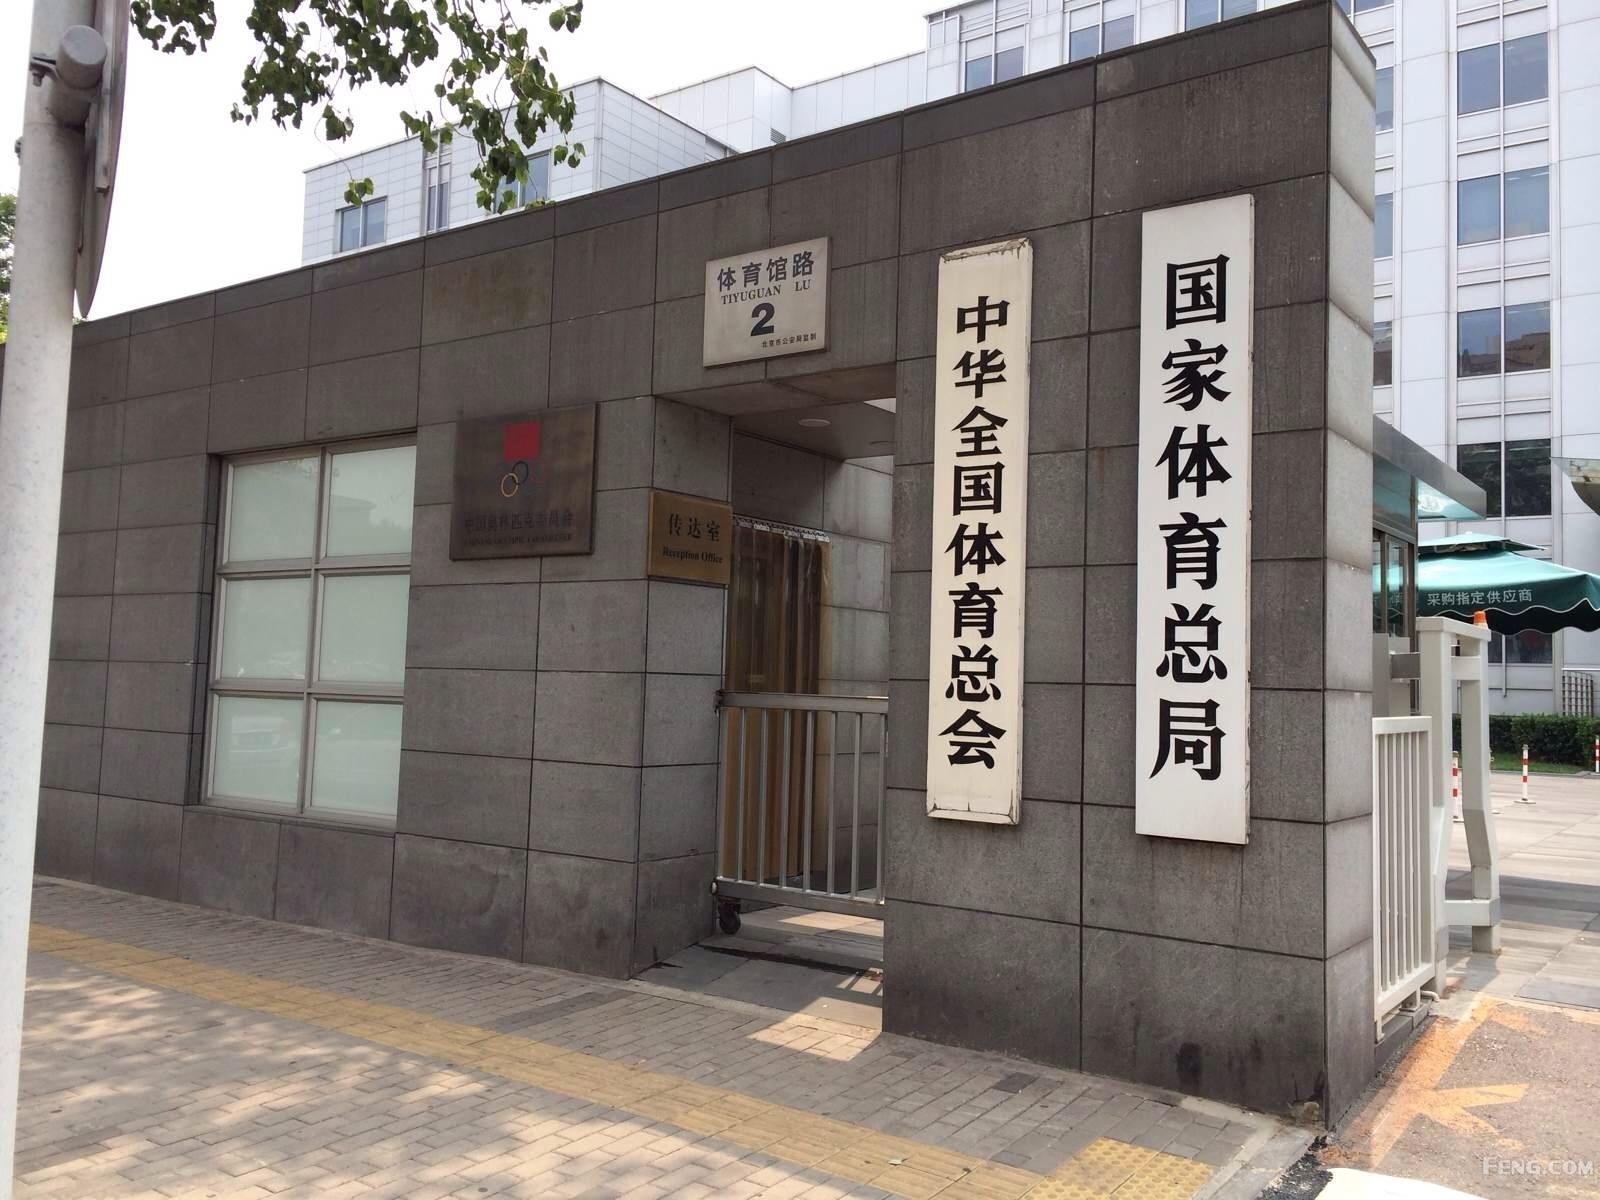 北京市发布新政,将有序开放体育健身场所